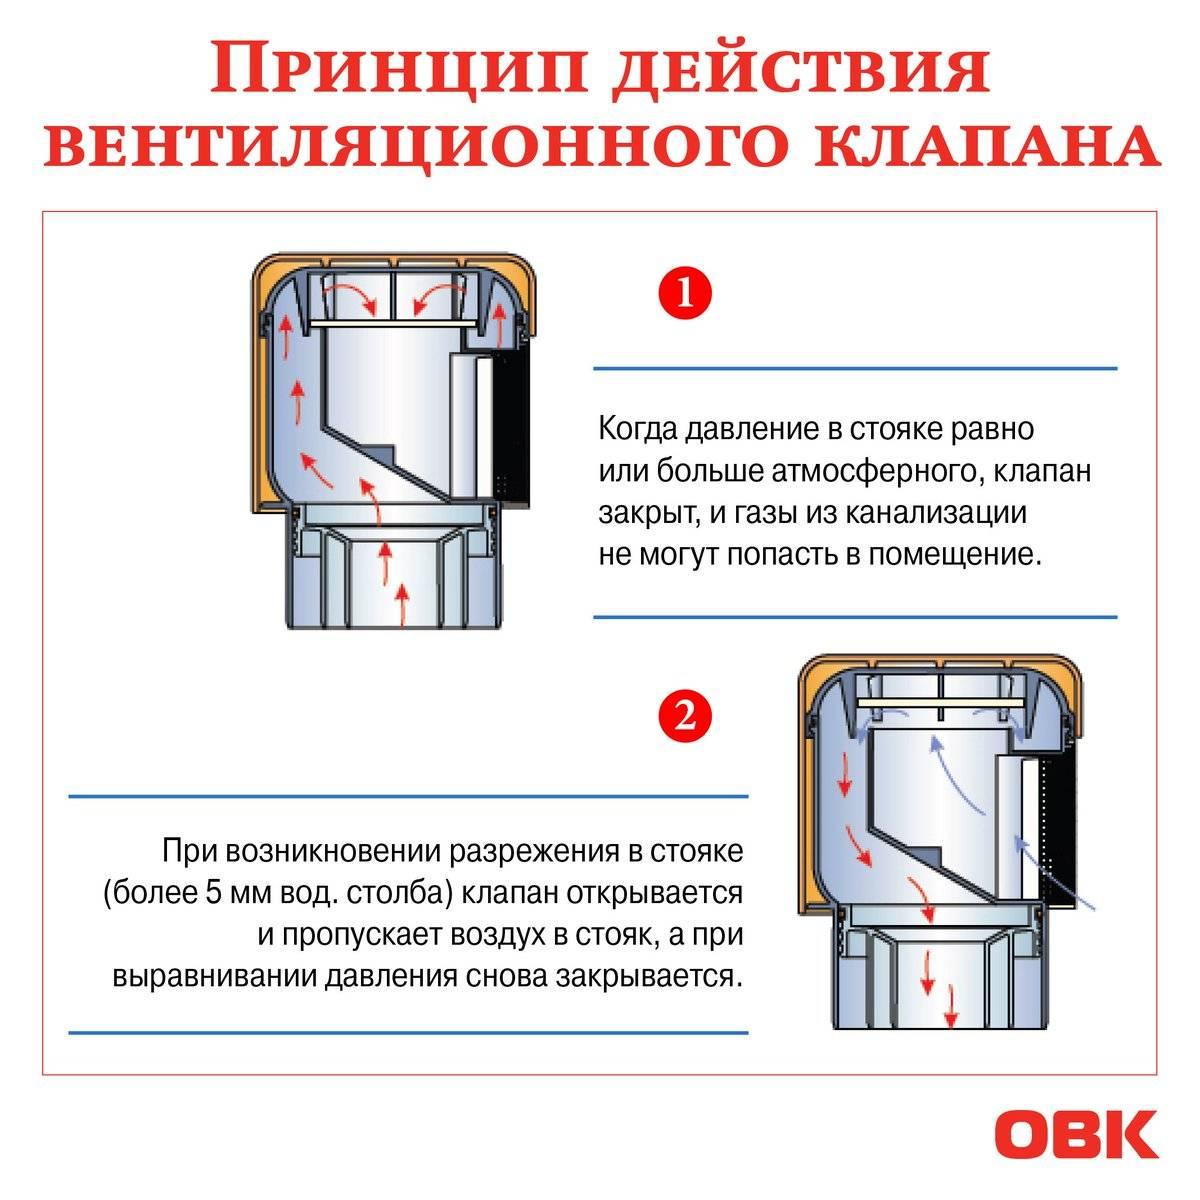 Противопожарные клапаны (огнезадерживающие): выбор, установка, инструкции